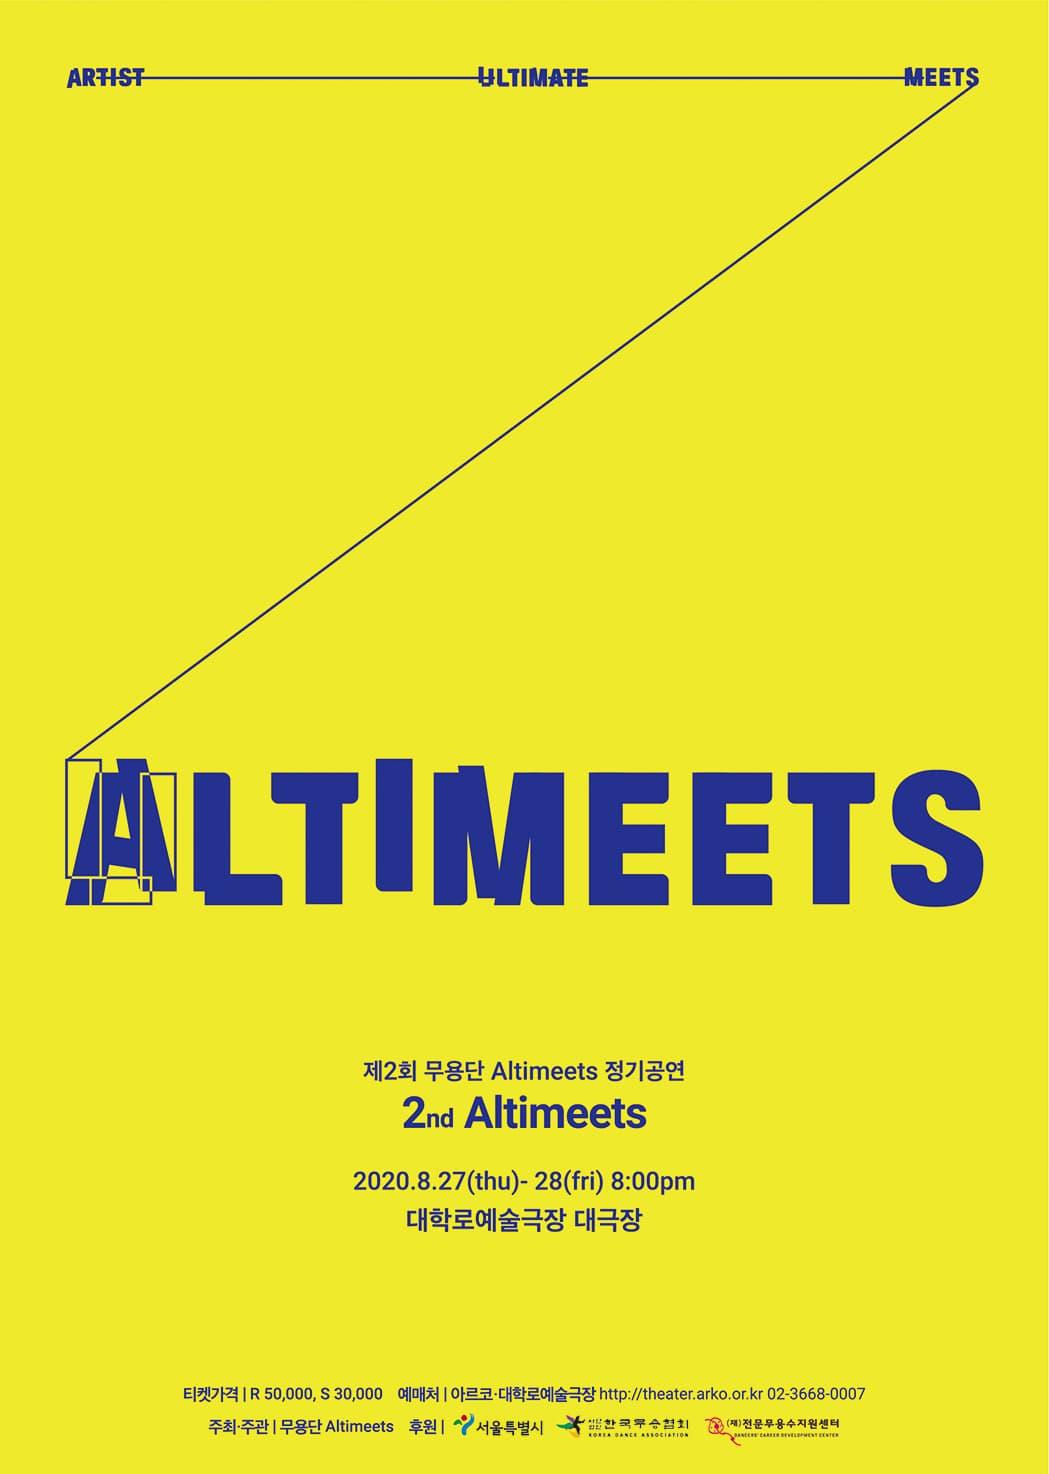 제2회 무용단 ALTIMEETS 정기공연 - 2nd ALTIMEETS